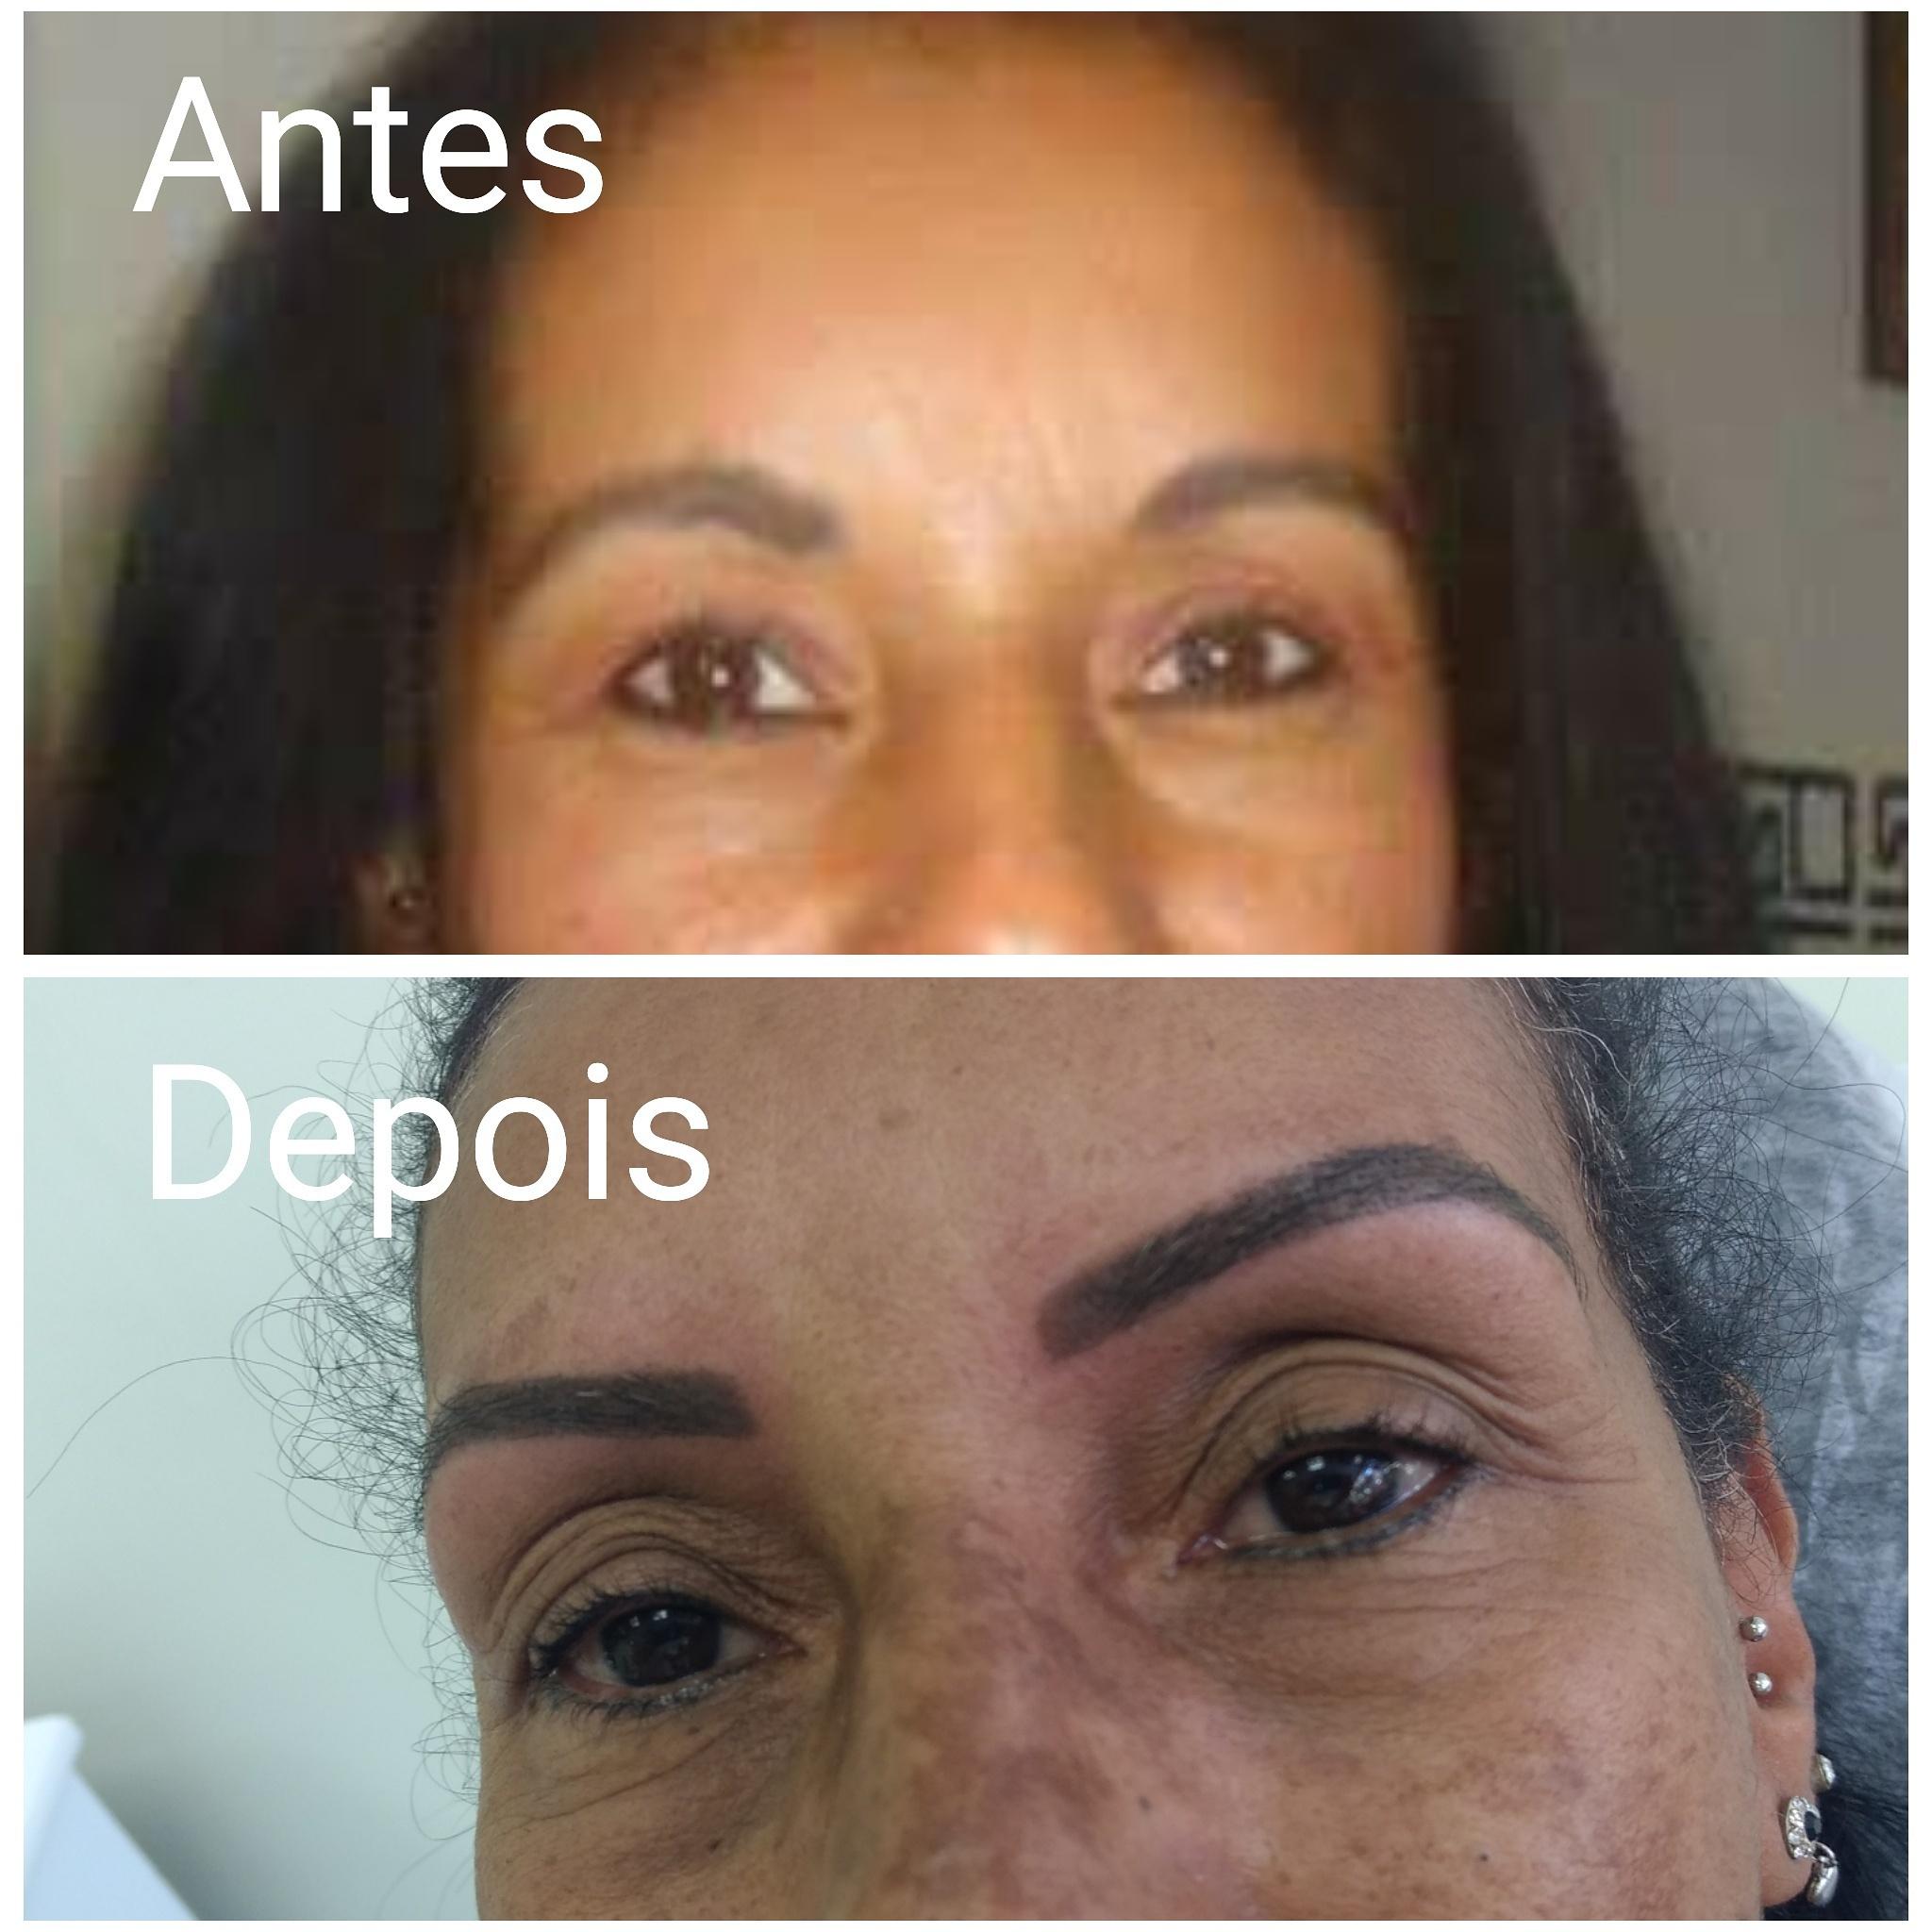 Correção de trabalho feito por outra profissão. #micropigmentaçao #correçao estética designer de sobrancelhas micropigmentador(a) depilador(a)